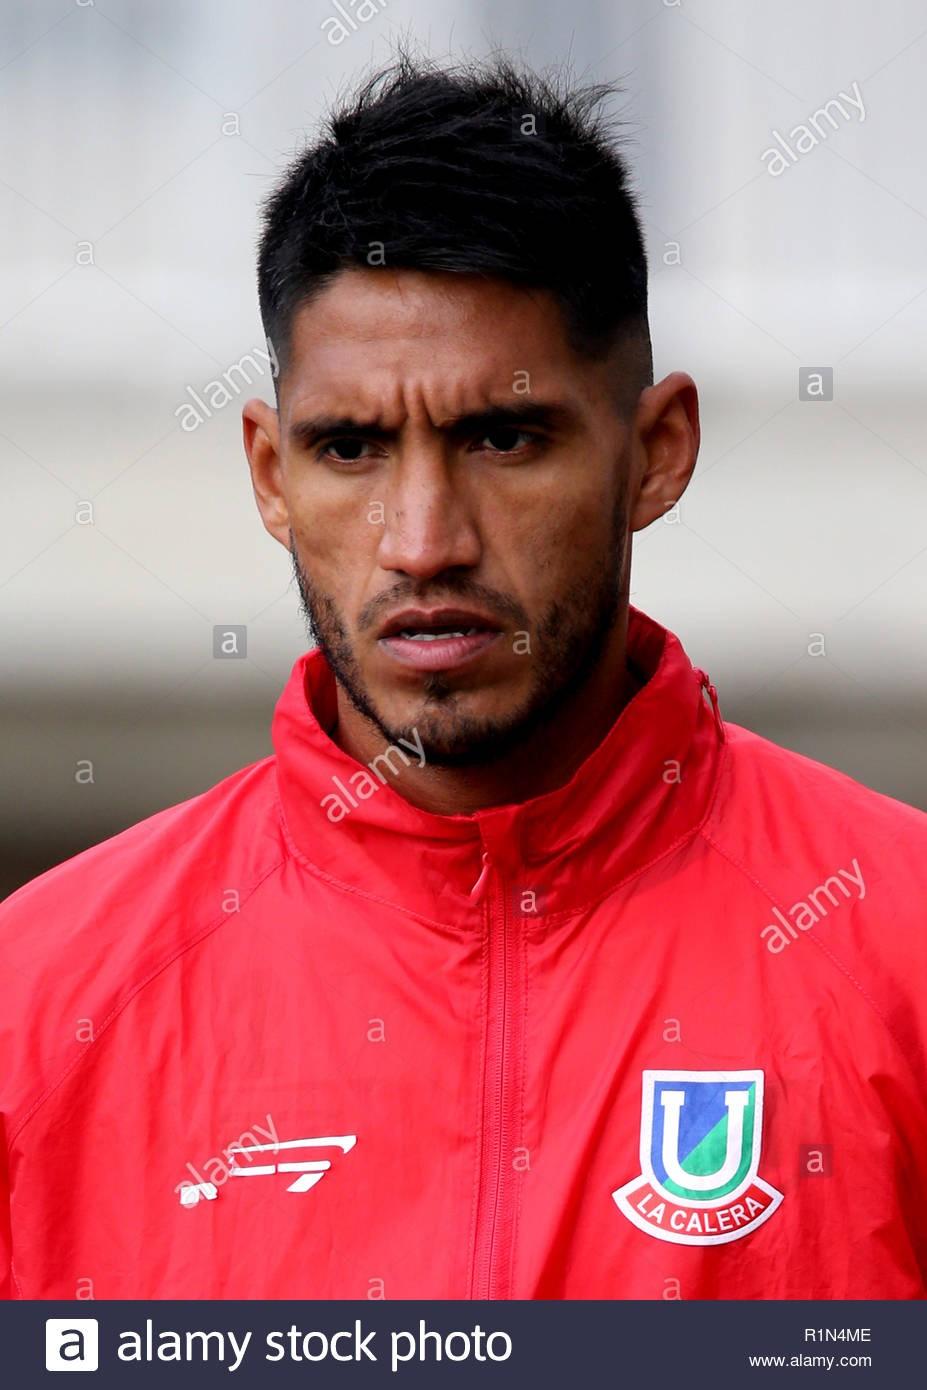 Histórico debut de La Calera en la Copa Sudamericana con Pablo Alvarado